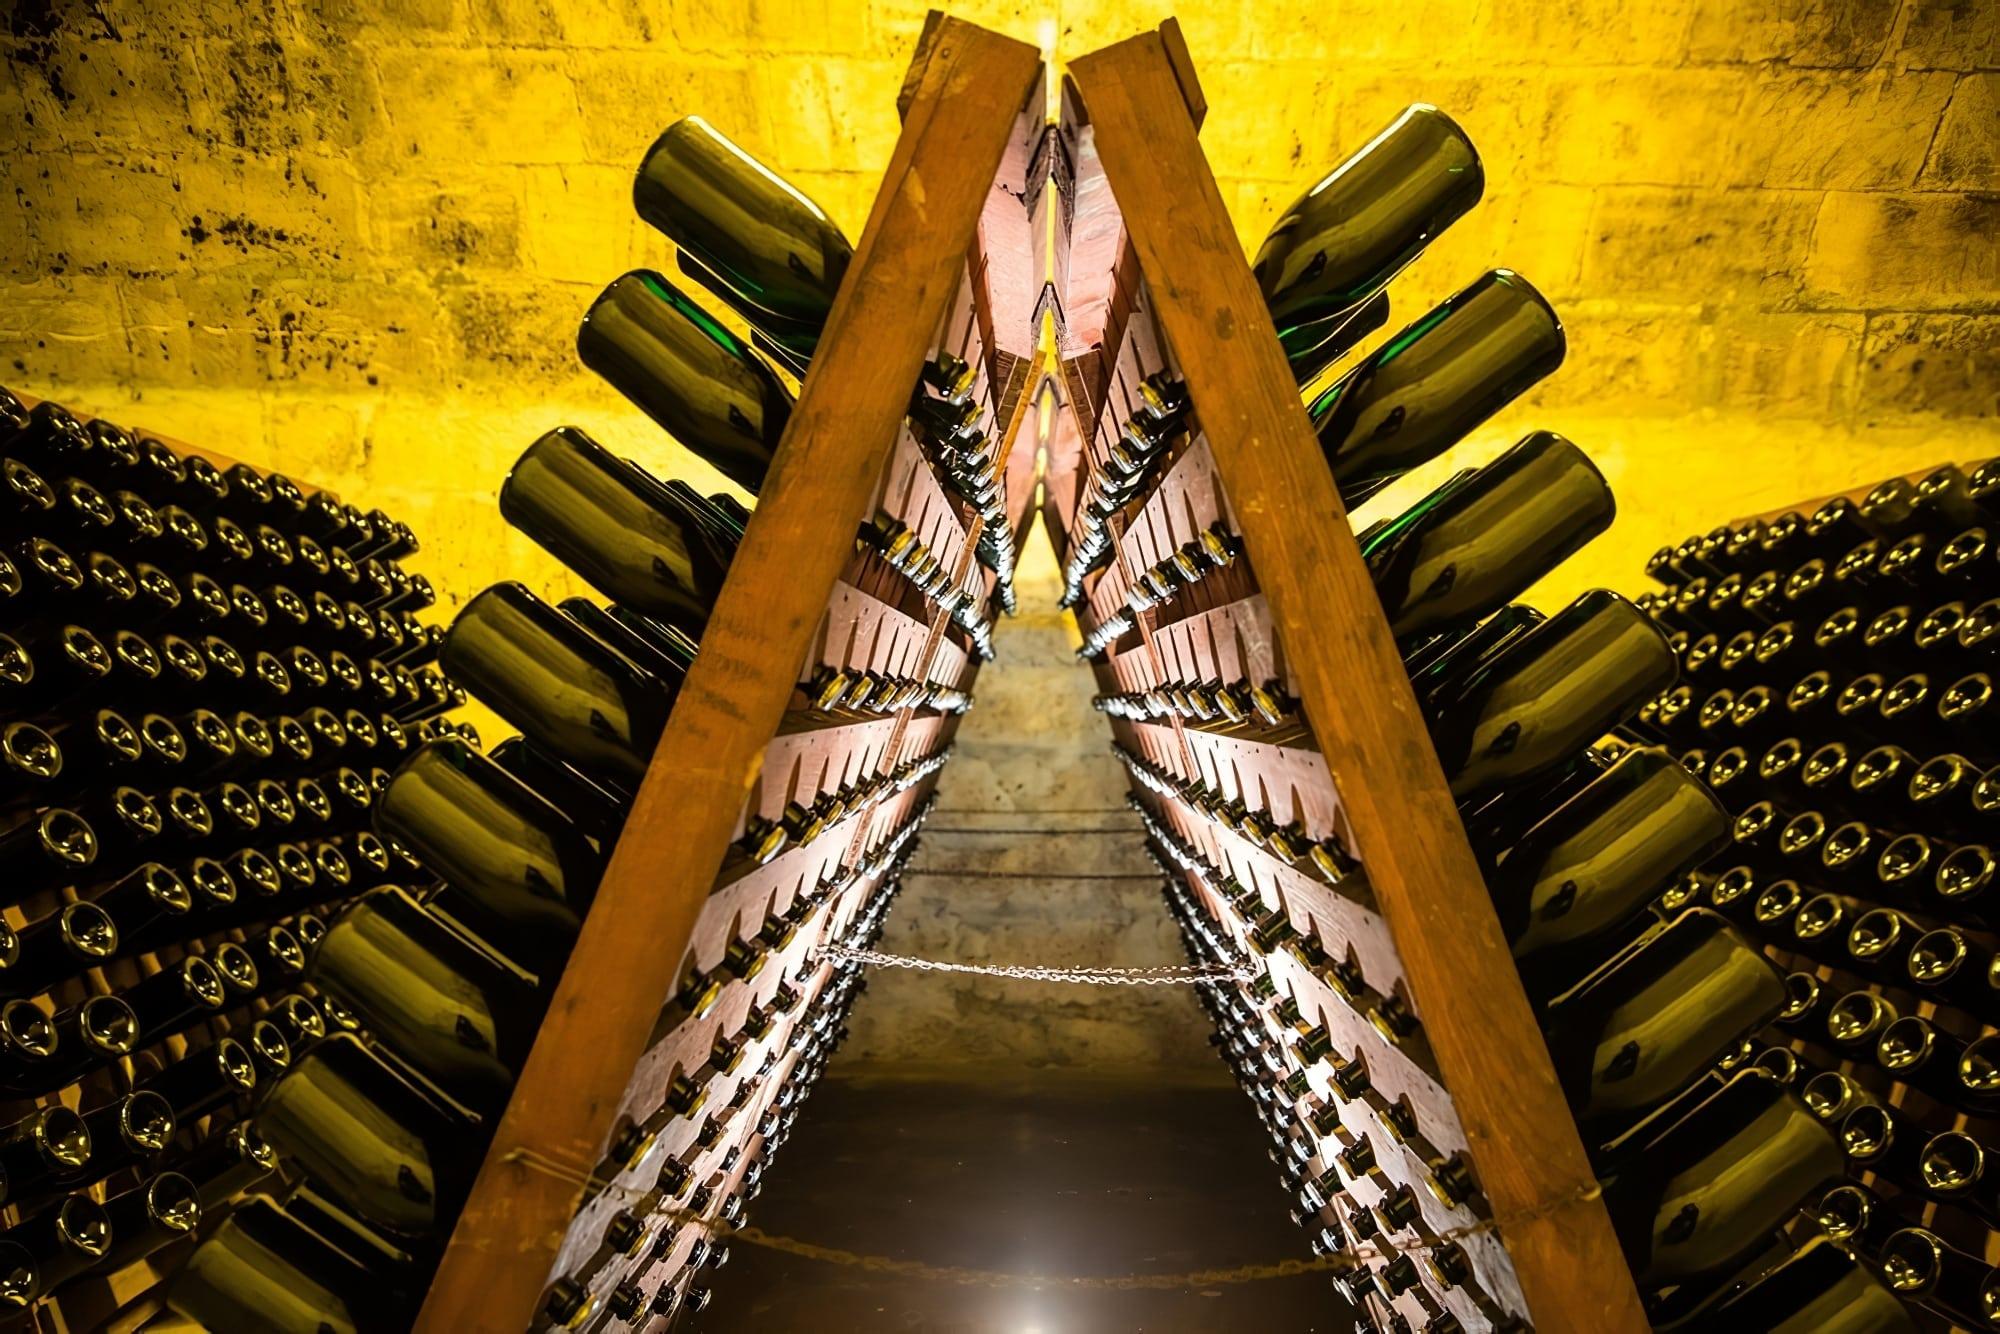 Visiter Reims bouteilles de Champagne retournées